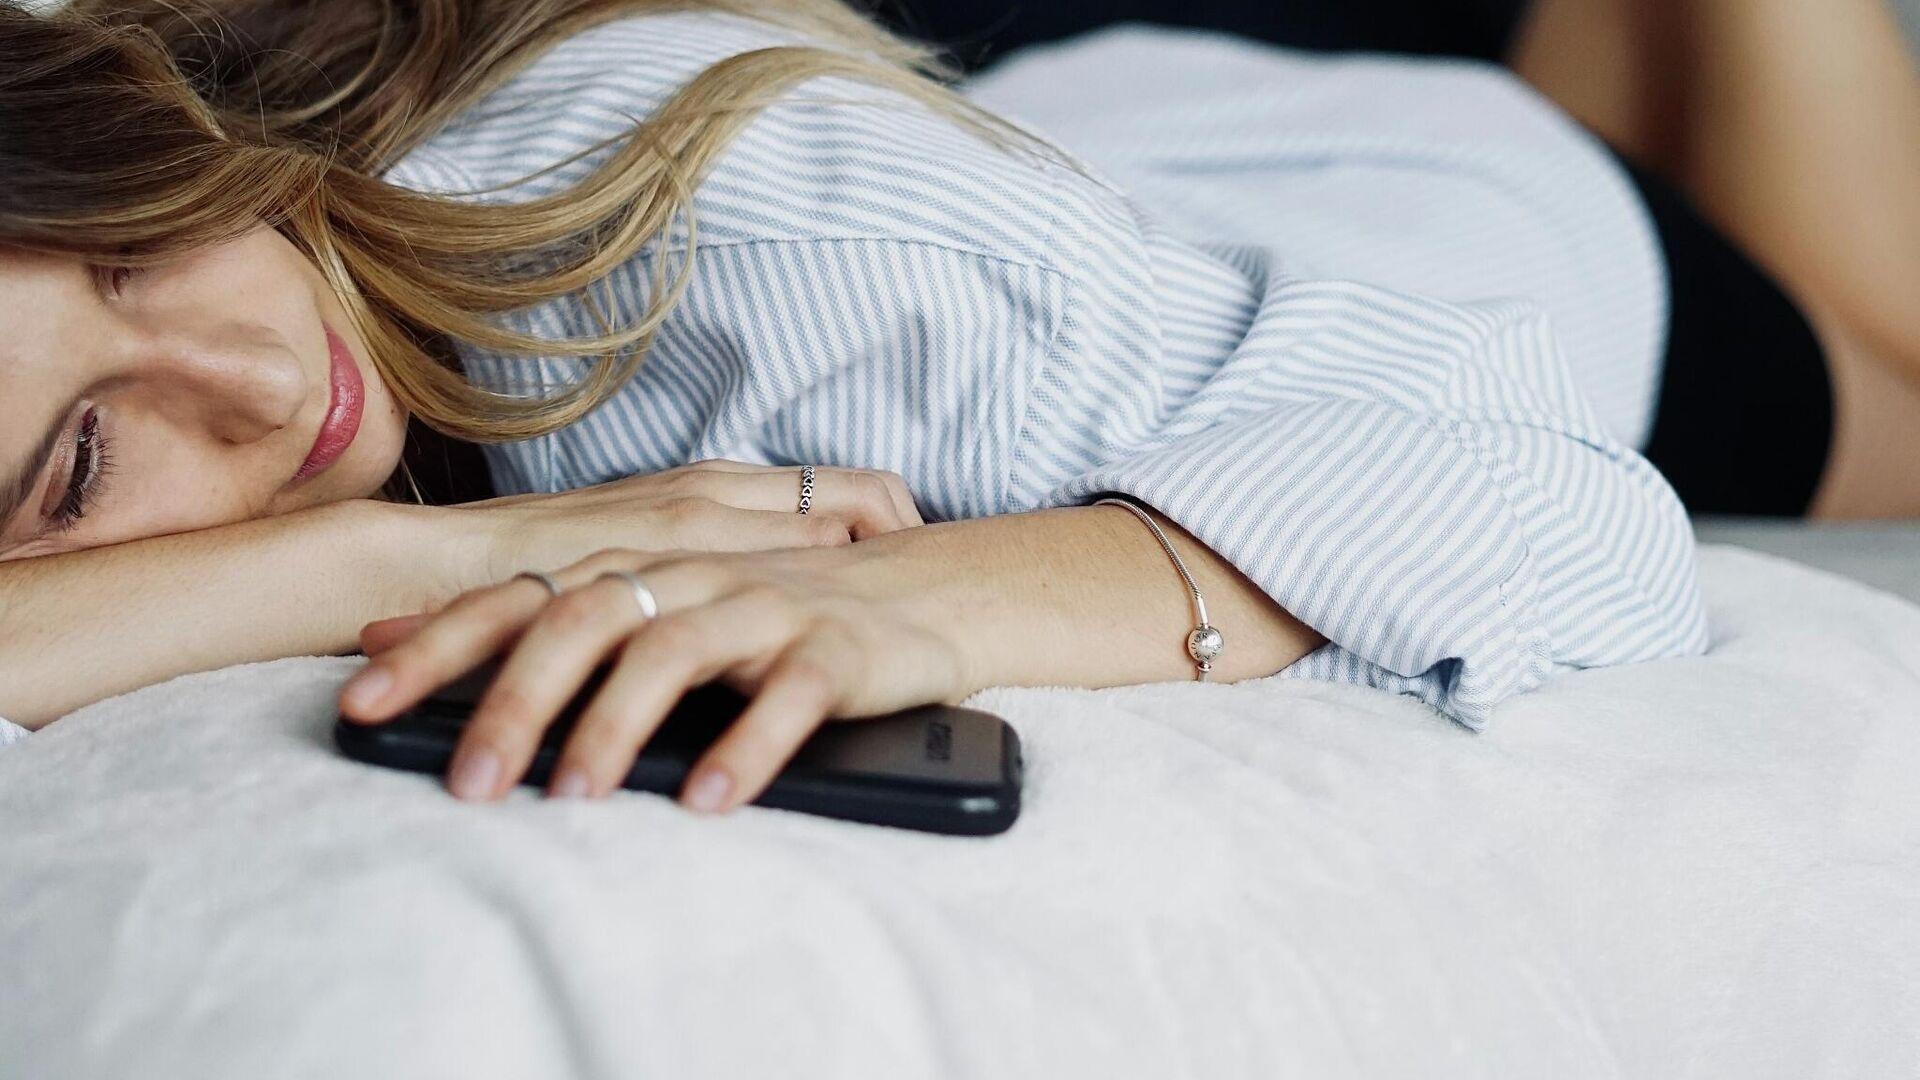 Una persona en la cama con un teléfono en la mano - Sputnik Mundo, 1920, 16.09.2021